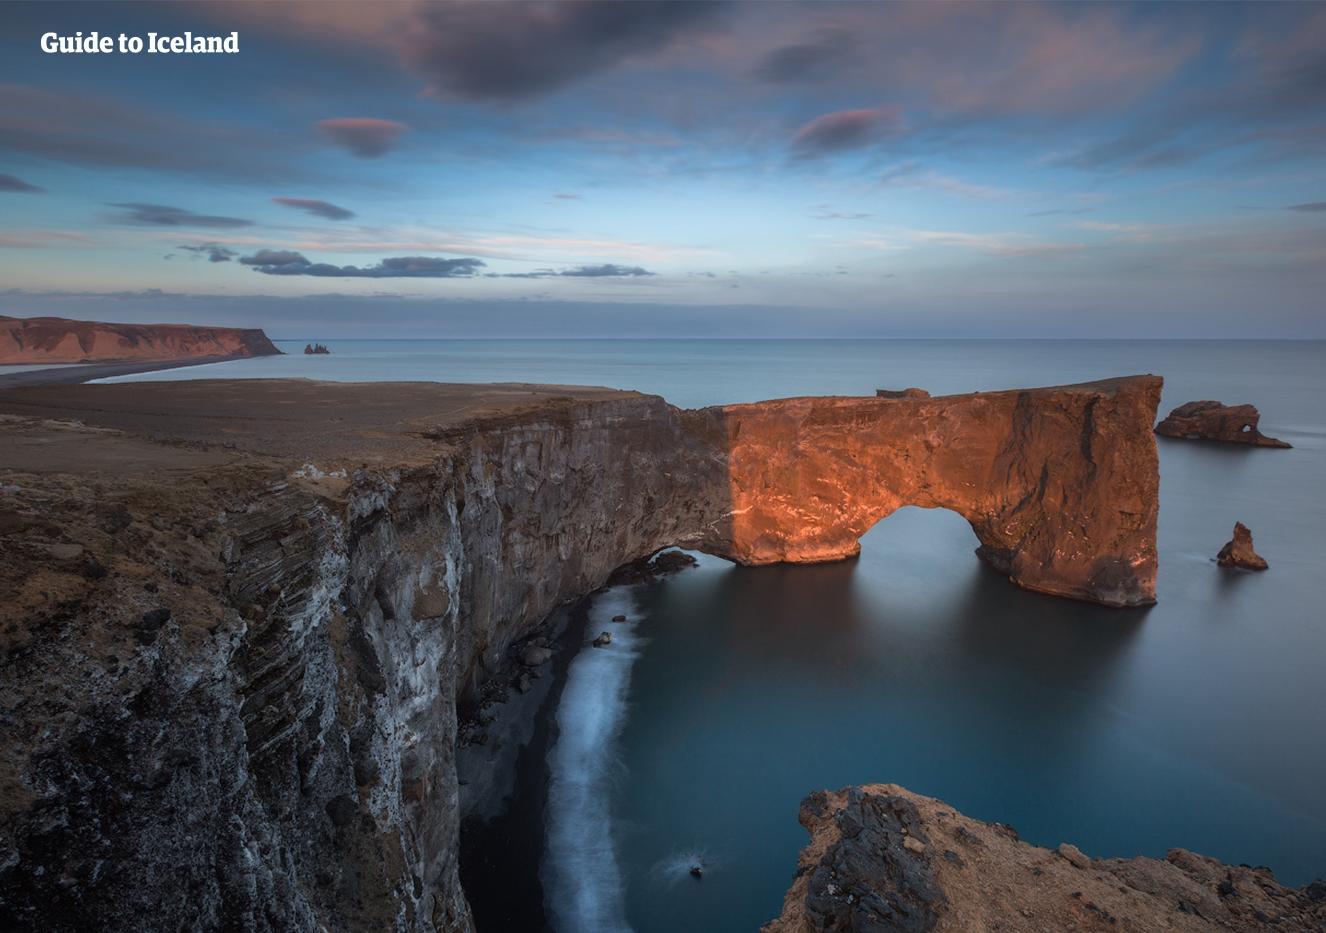 """La piccola penisola di Dyrhólaey era conosciuta col nome di """"Cape Portland"""" dai navigatori di passaggio."""